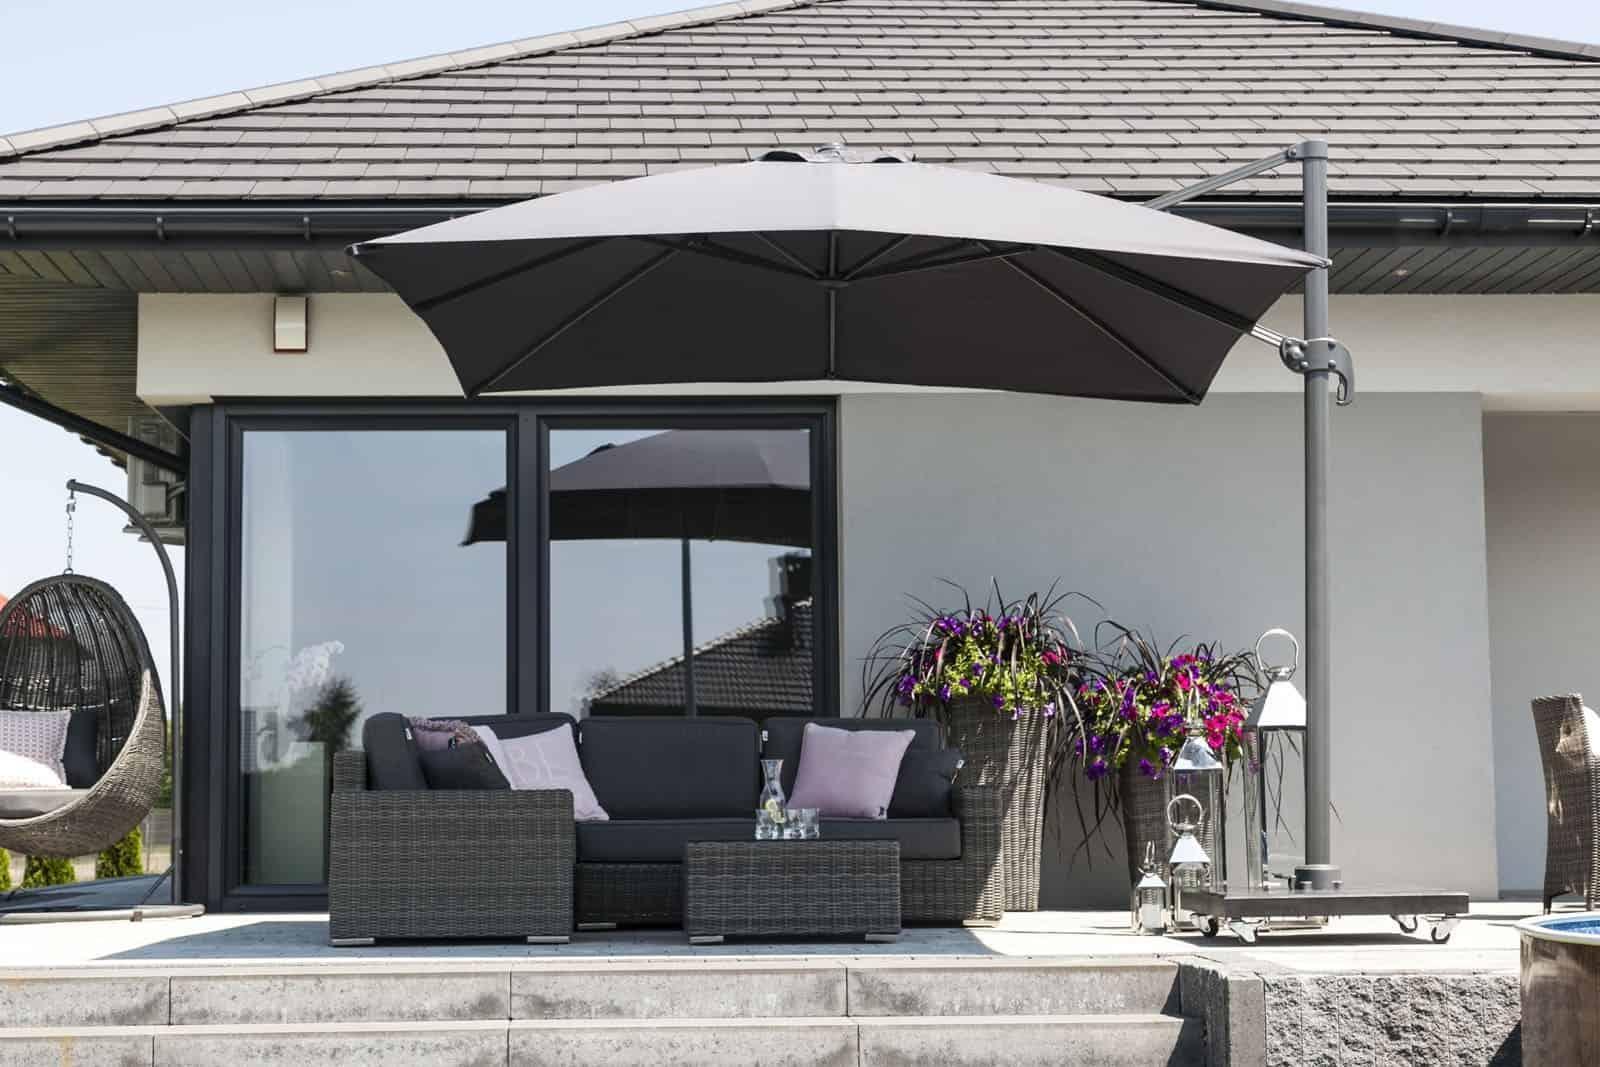 Stojak pod parasol ogrodowy Solarflex